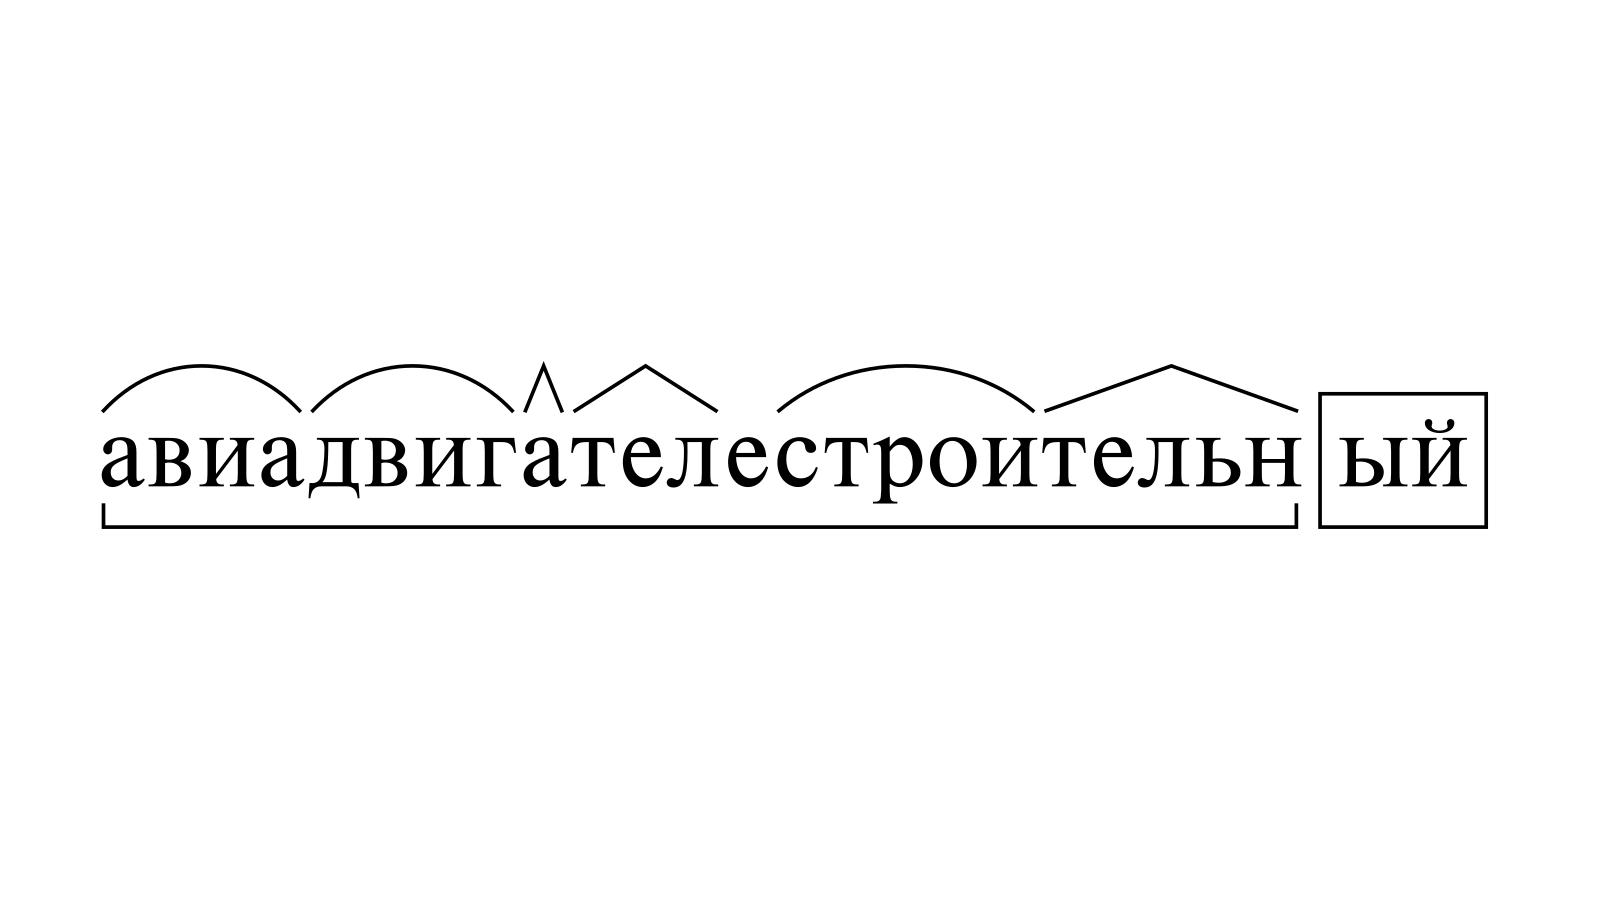 Разбор слова «авиадвигателестроительный» по составу